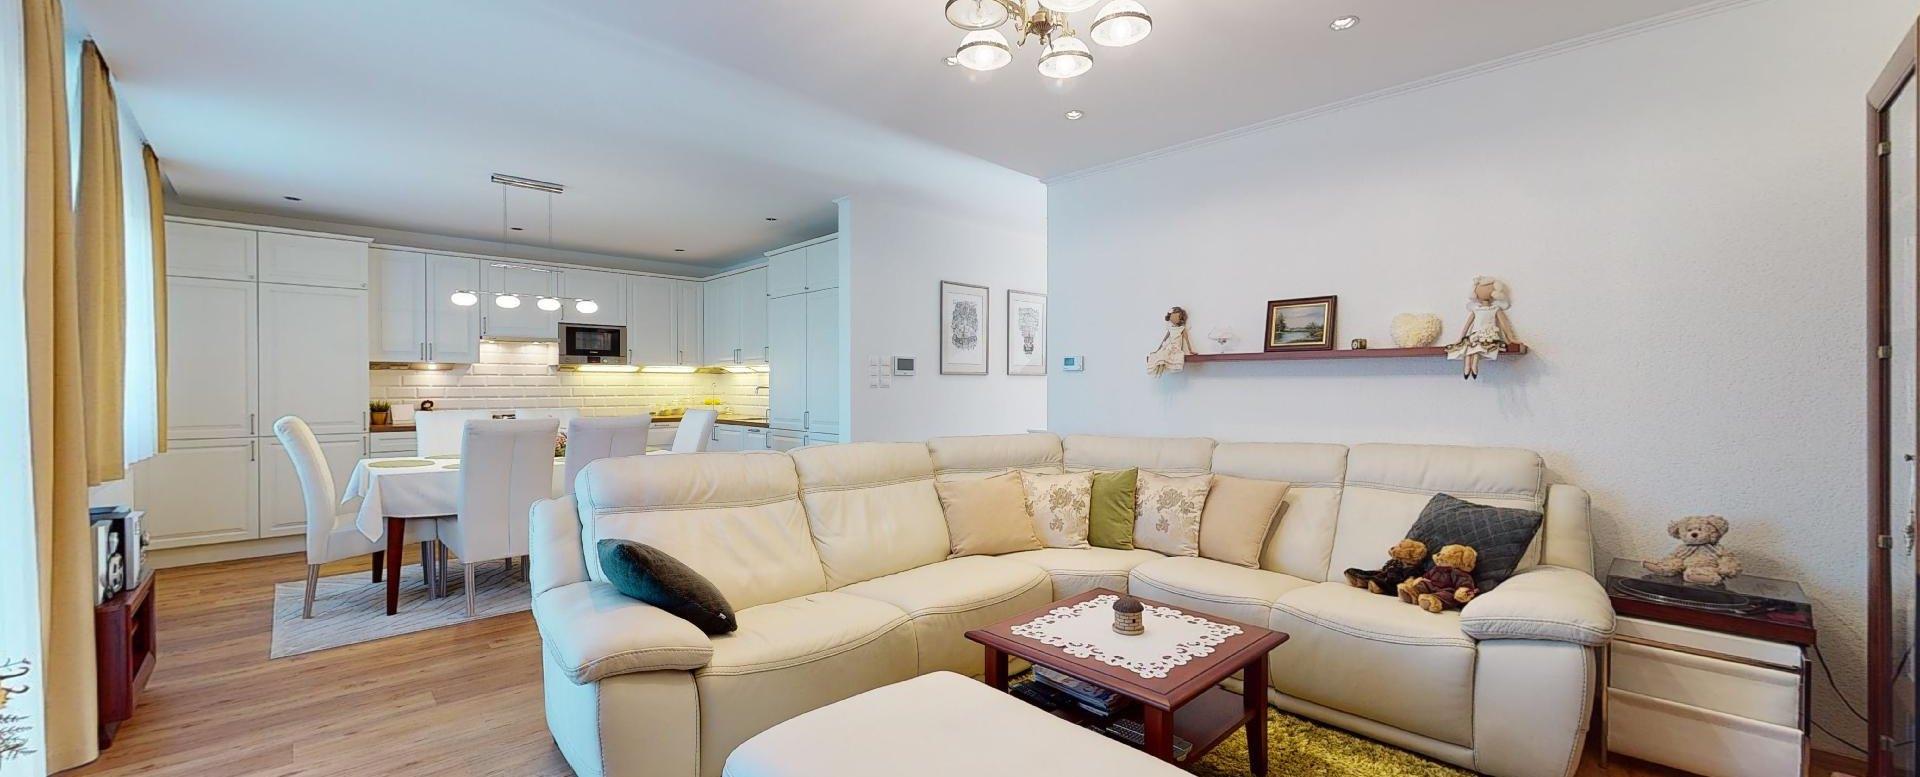 pohľad na obývačku s kuchyňou